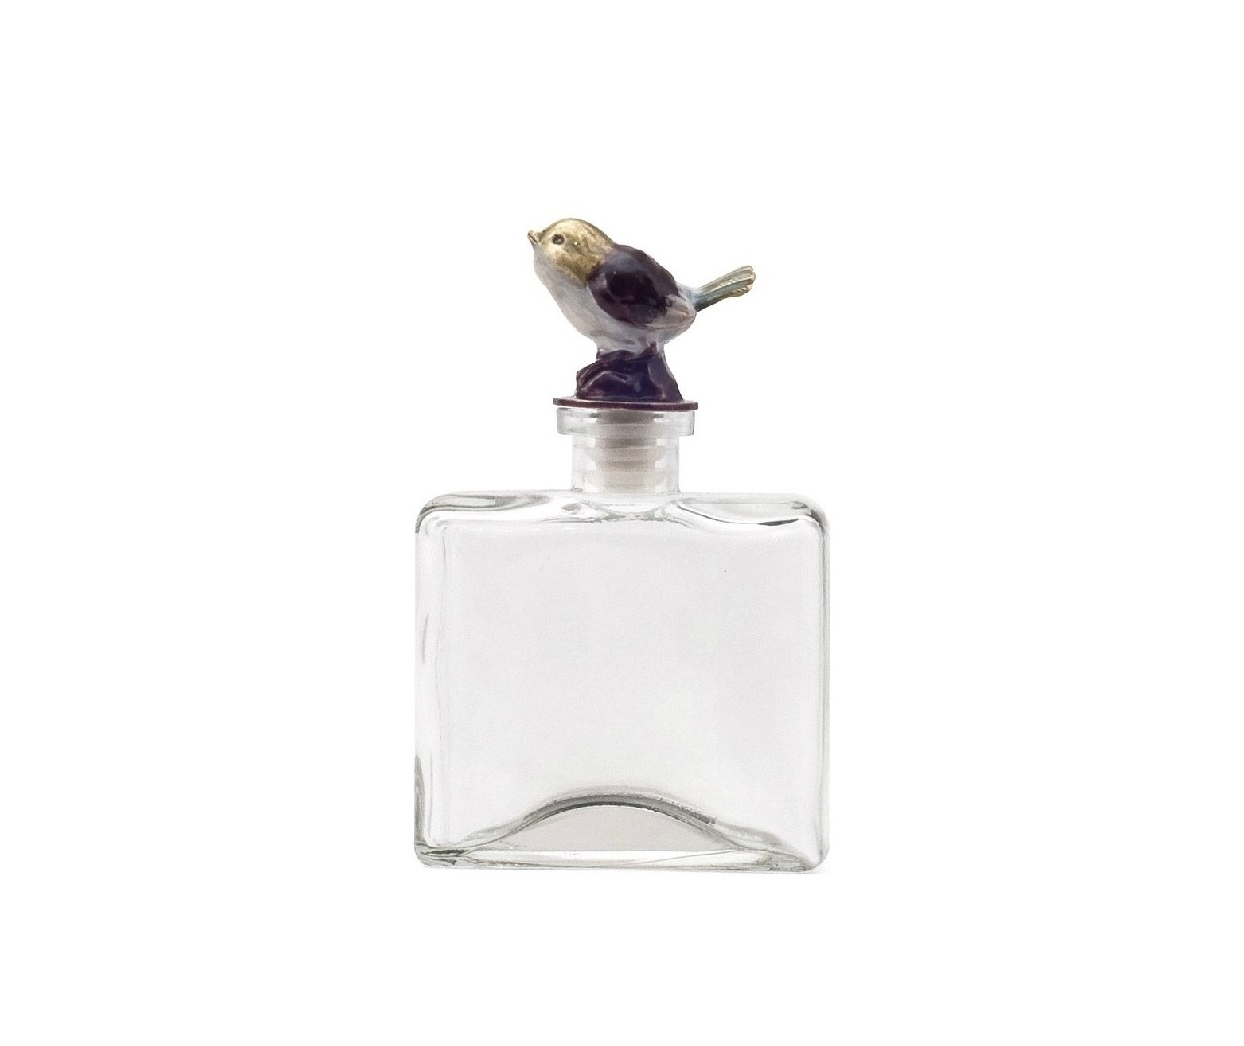 Стеклянный флакон Petit DeboleЕмкости для хранения<br>Изящный стеклянный флакон Petit Debole с симпатичной золотистой птичкой на крышечке придется по вкусу милым дамам, которые ценят красоту и роскошь в каждой детали интерьера. Элемент декора может украсить собой комнату в стиле Прованс, наполнить её домашним уютом, а также составить превосходный набор с аксессуарами той же коллекции — Petit Grande, Petit Solito и Petit Forte. Флакончики идеально подойдут для хранения в них вашего любимого парфюма.<br><br>Material: Стекло<br>Width см: 9.5<br>Depth см: 4.5<br>Height см: 15